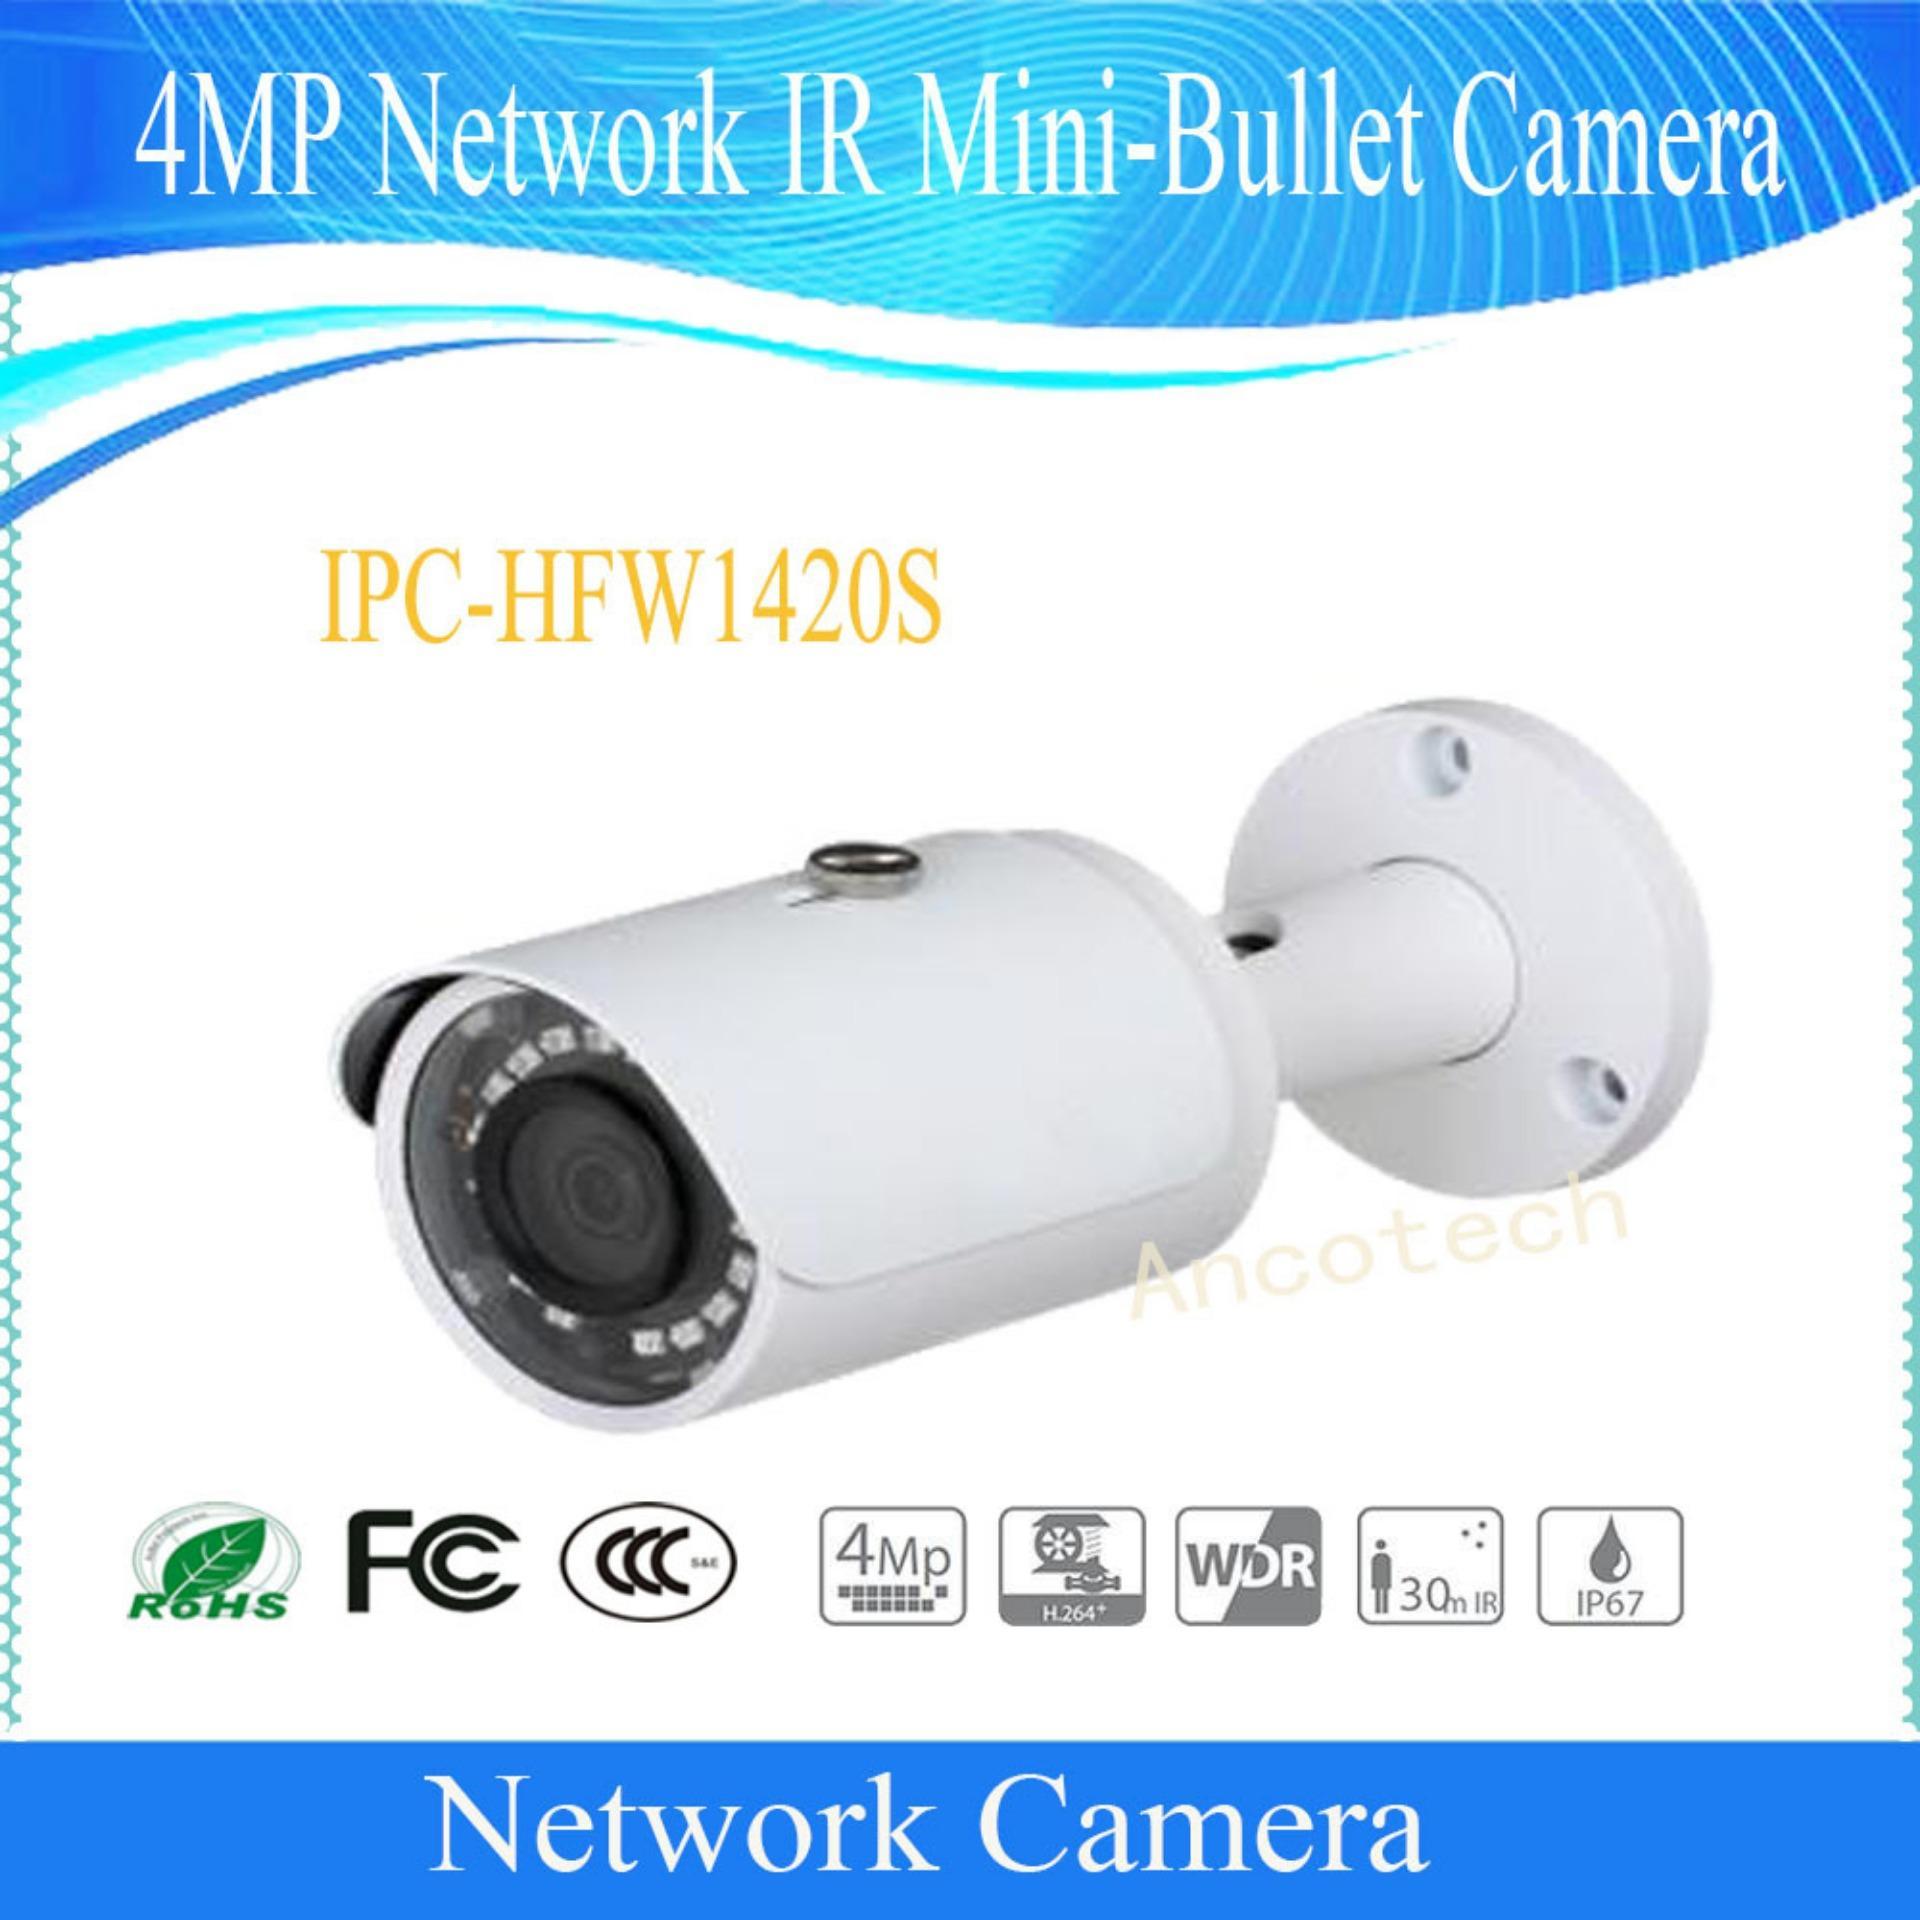 Dh-Ipc-Hfw1420sp Camera Ip (lẮp KhÔng CẦn ĐẦu Ghi) ĐỘ PhÂn GiẢi 4mp - GiÁm SÁt An Ninh - HỒng NgoẠi ThÔng Minh - HiỆu Dahua By SÀi GÒn GiÁ SỈ.